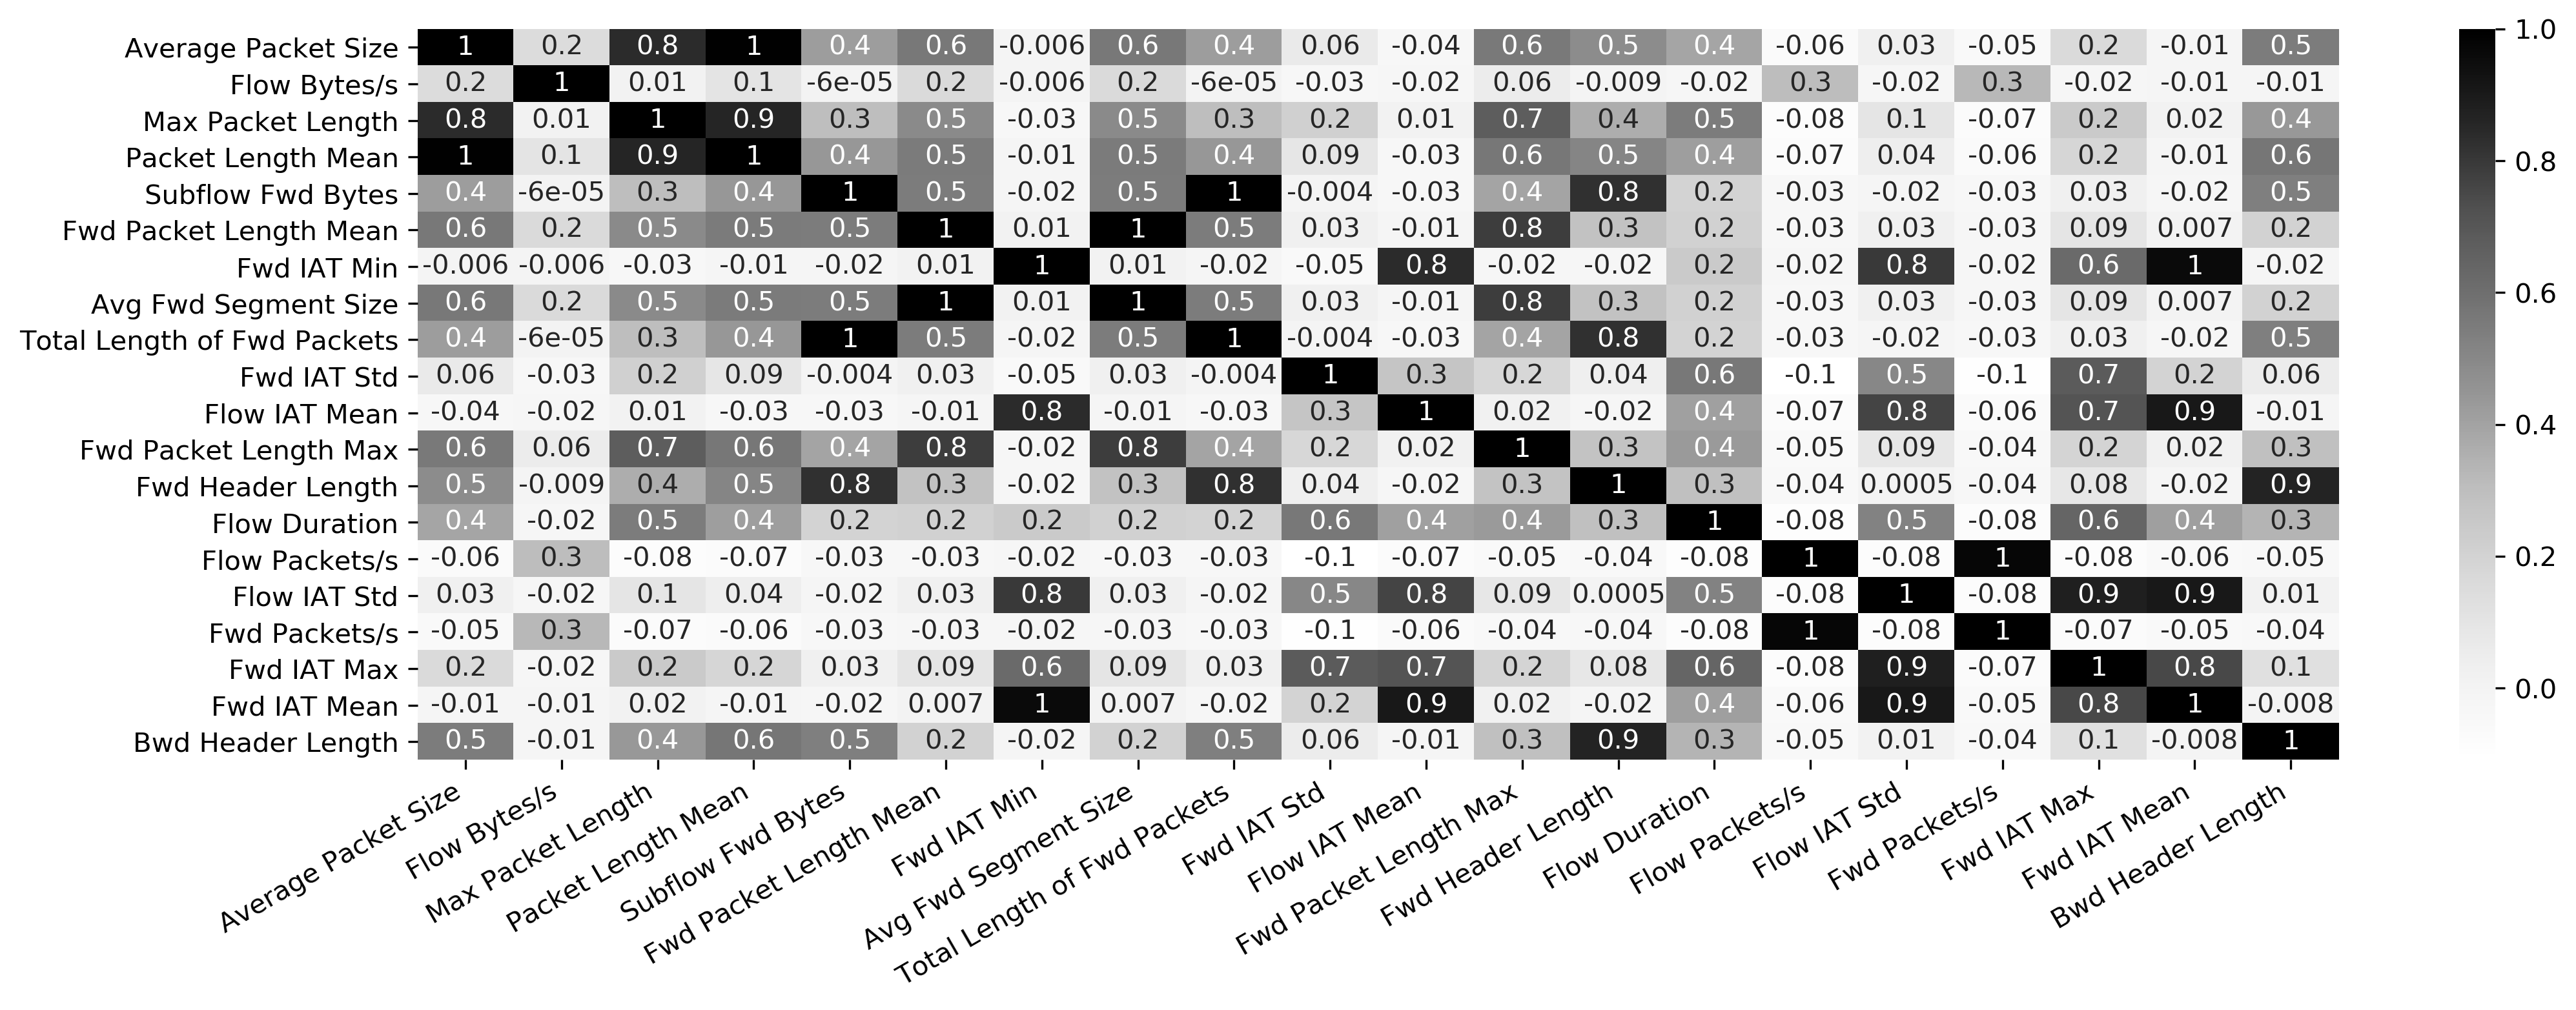 Результаты корреляционного анализа двадцати наиболее значимых признаков